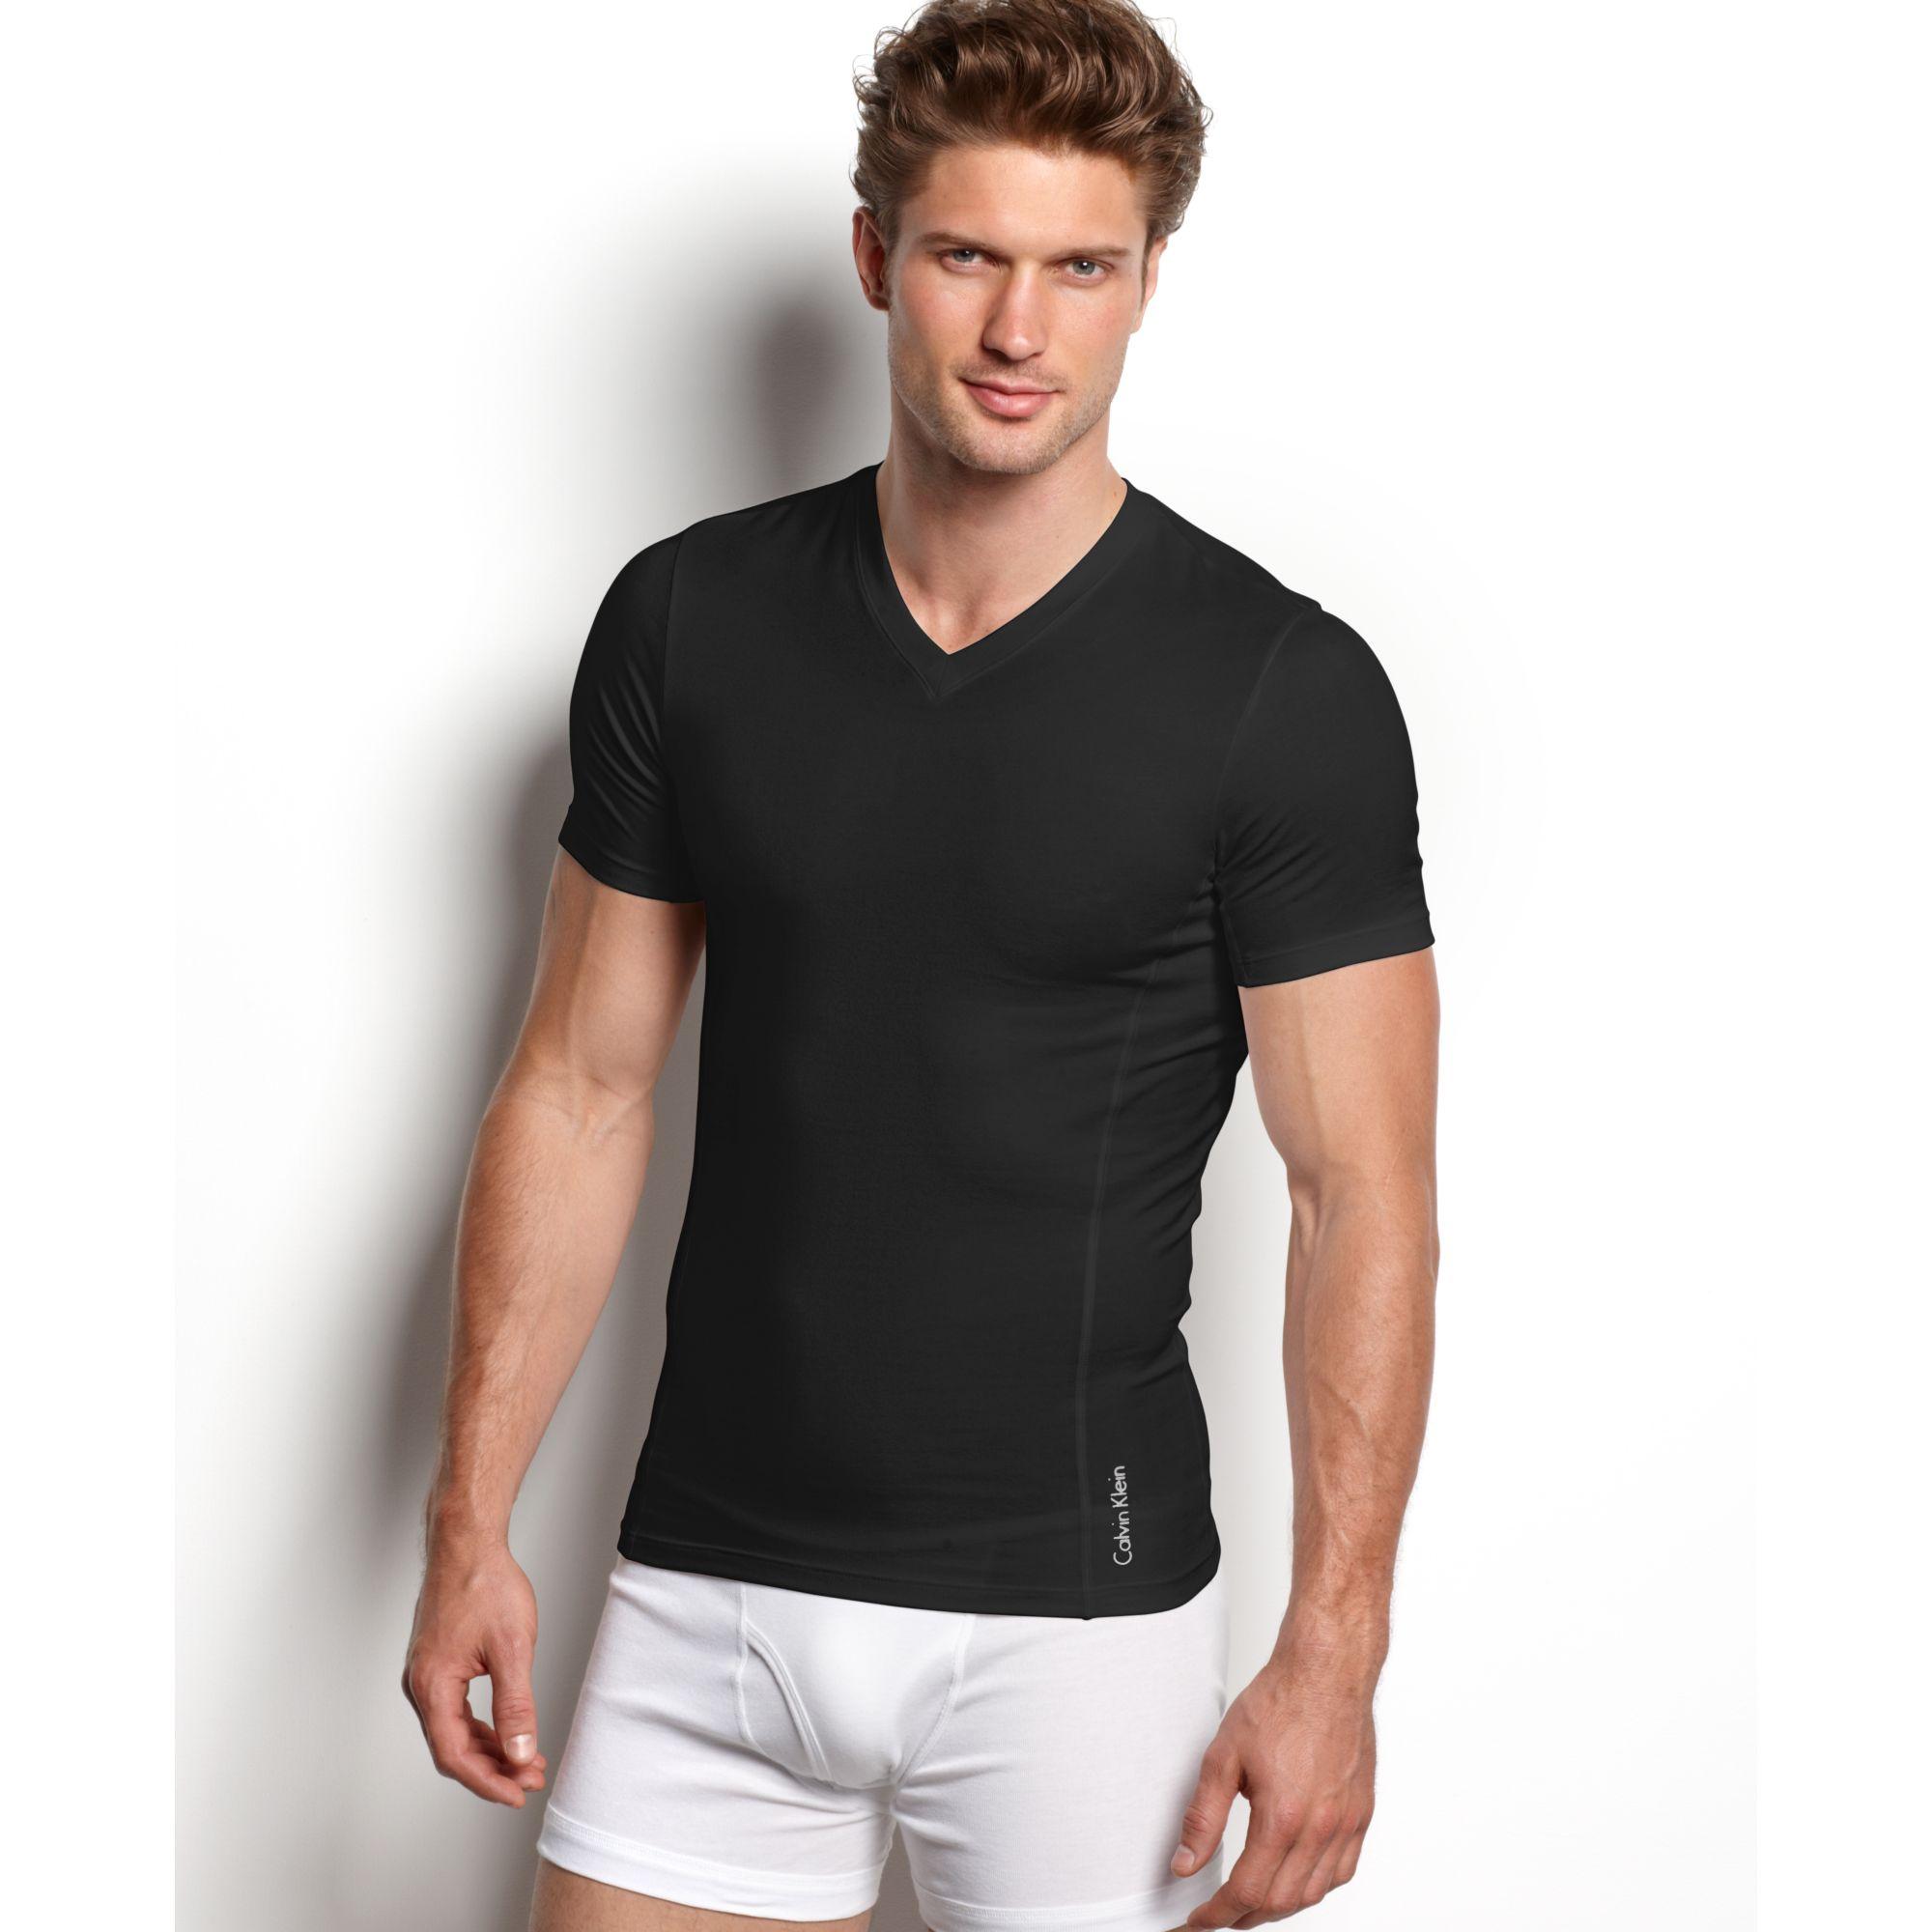 Calvin klein prostretch slim fit v neck tshirt in black for Calvin klein slim fit stretch shirt